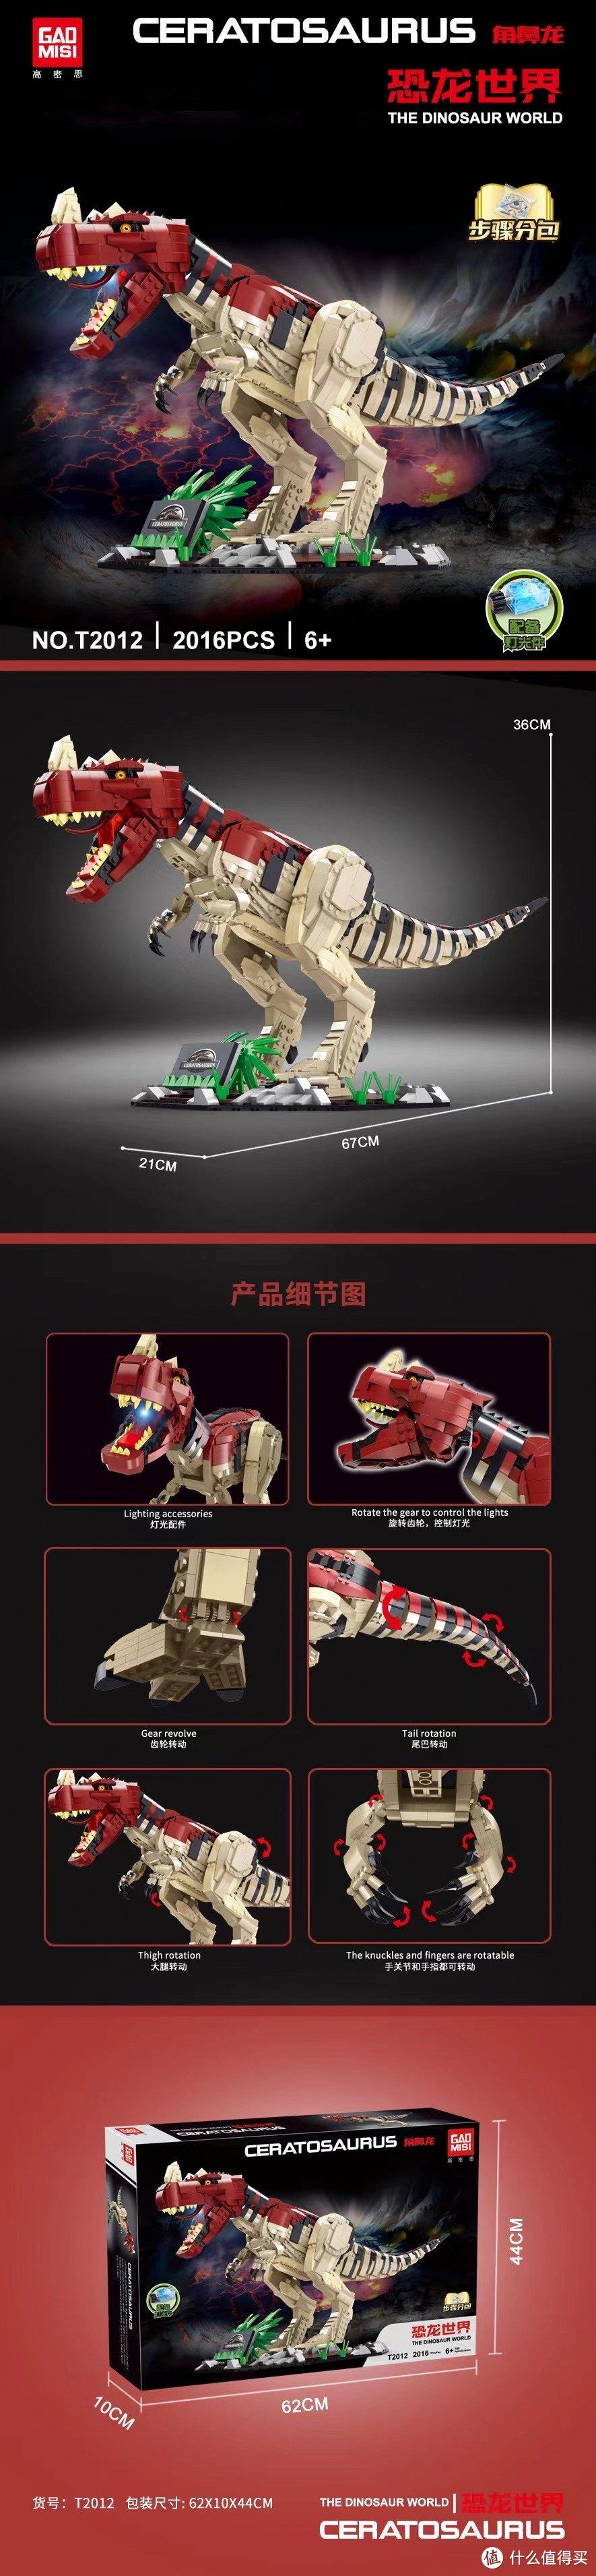 乐高2款星战,新品牌的恐龙世界【2021-6-8积木新品情报】